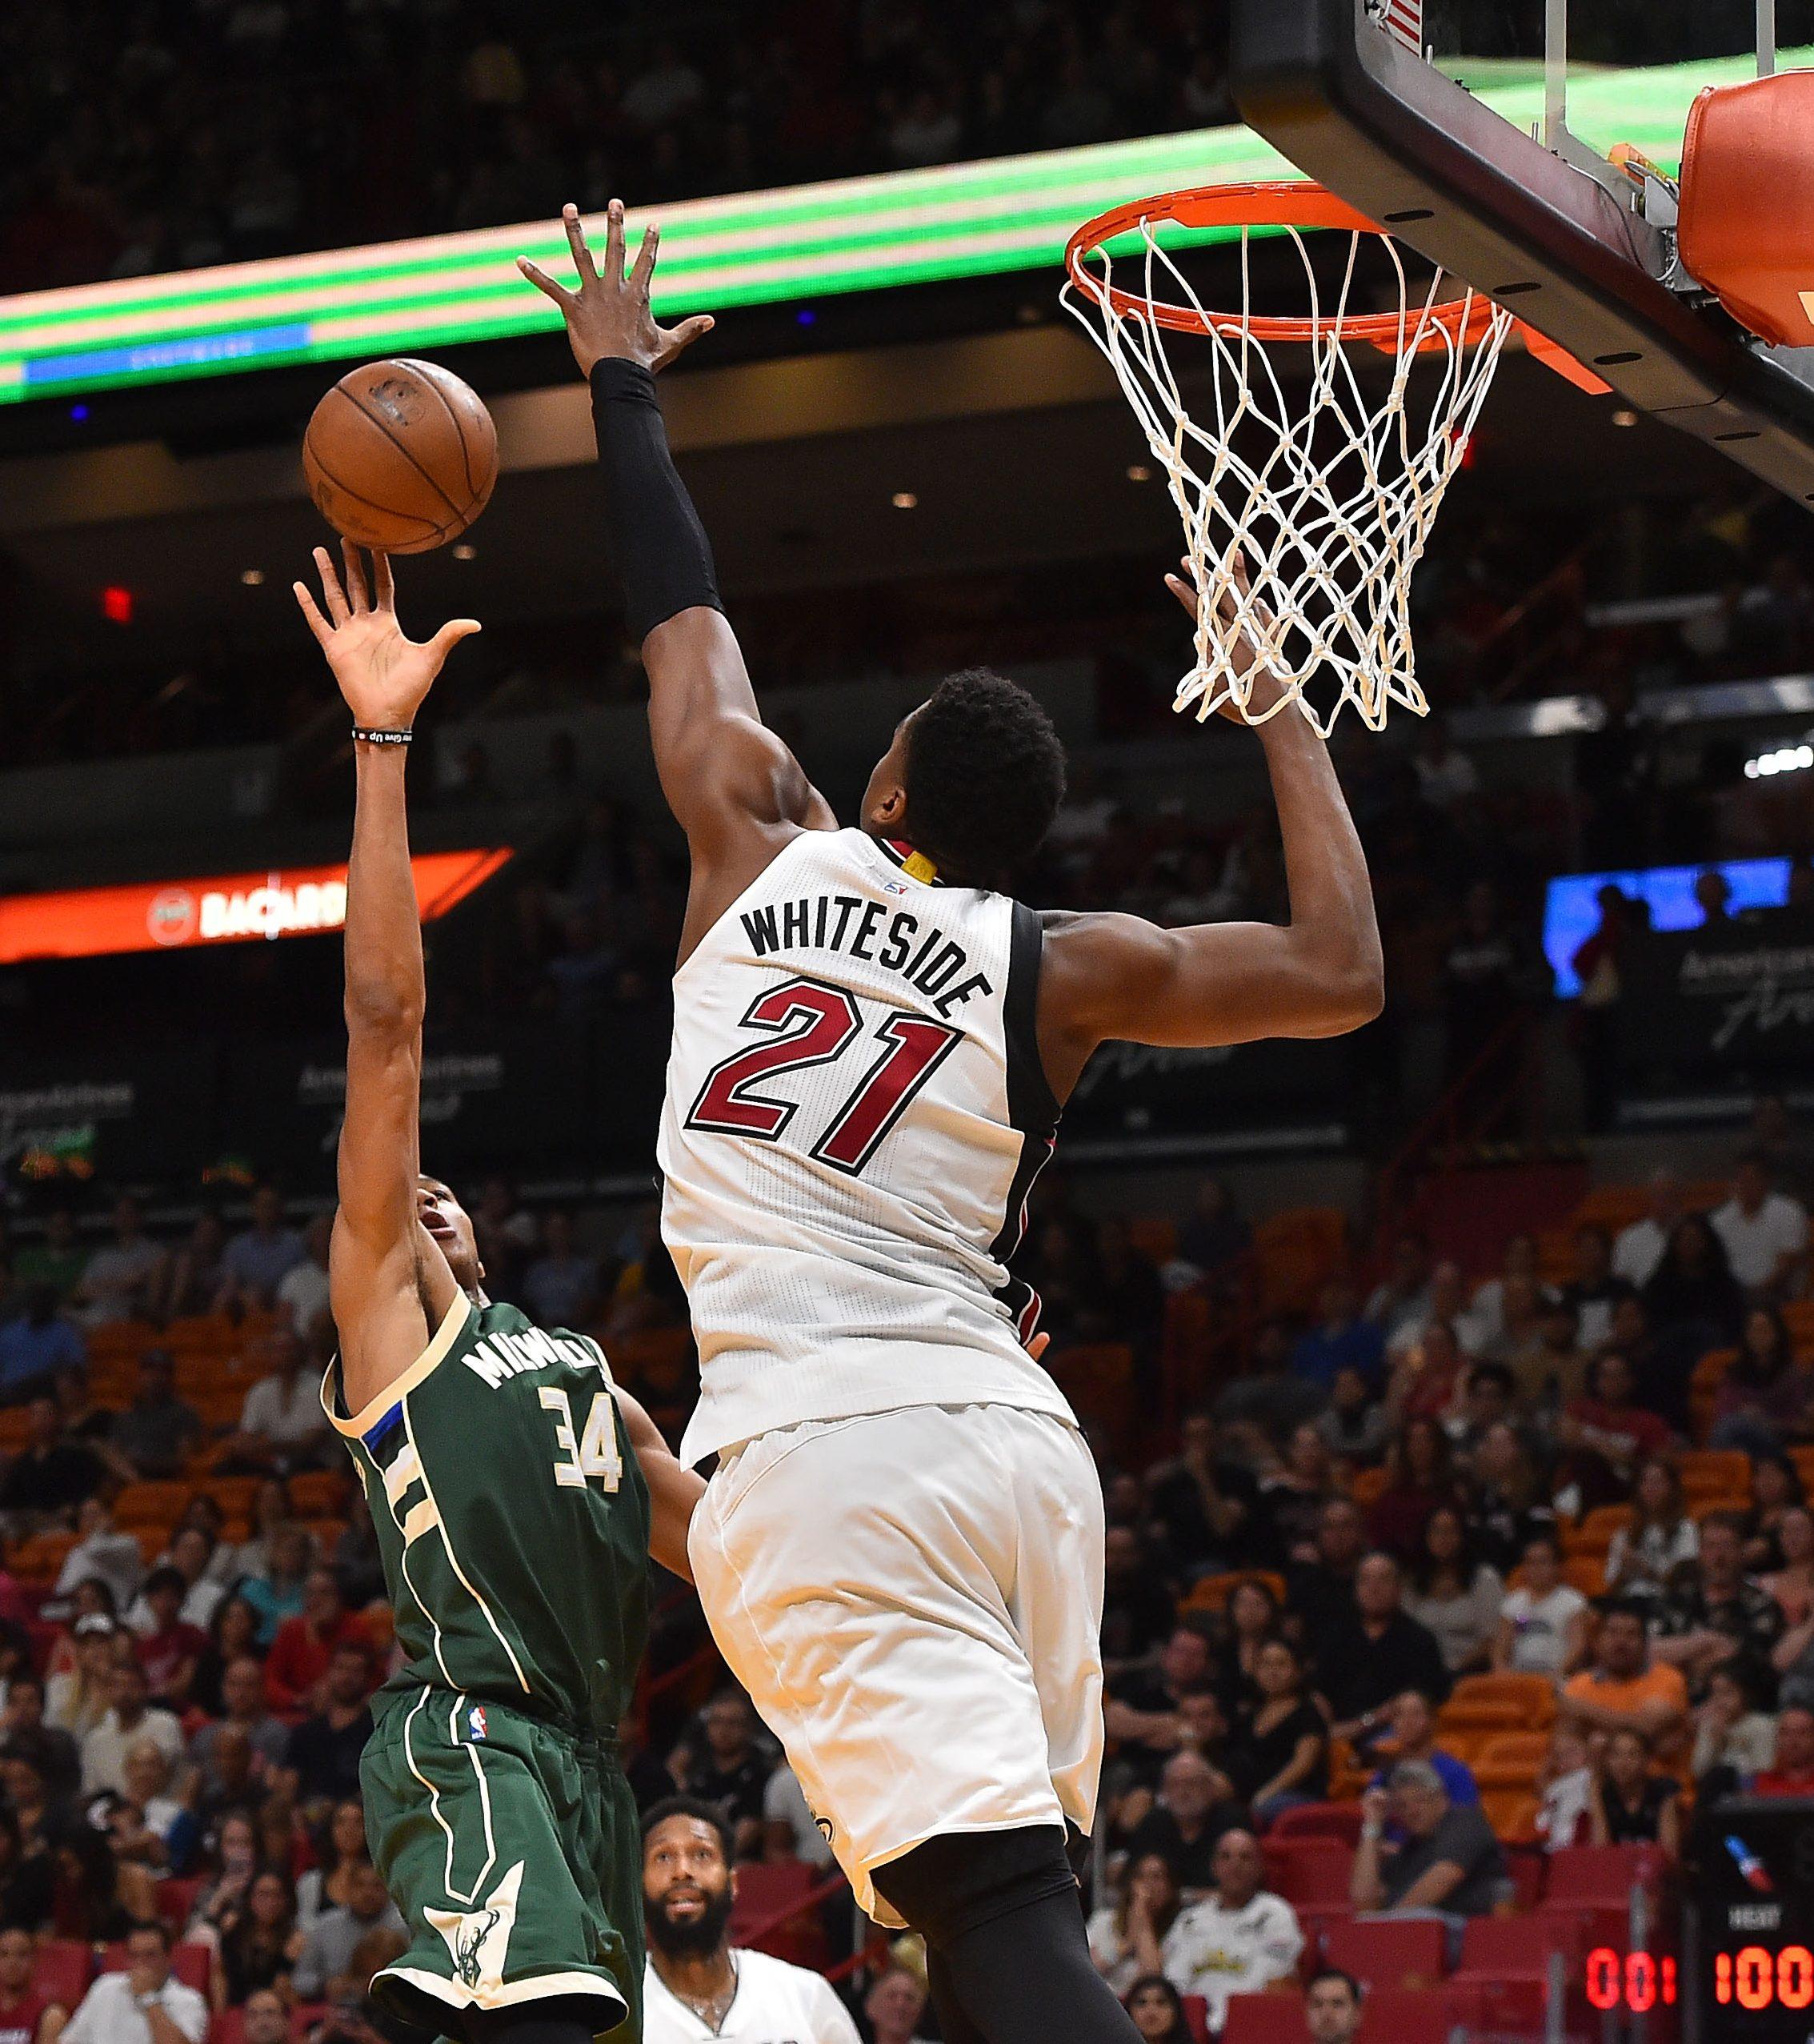 d476f0b2dbcc NBA Preview  Heat host Warriors - ESPN 98.1 FM - 850 AM WRUF